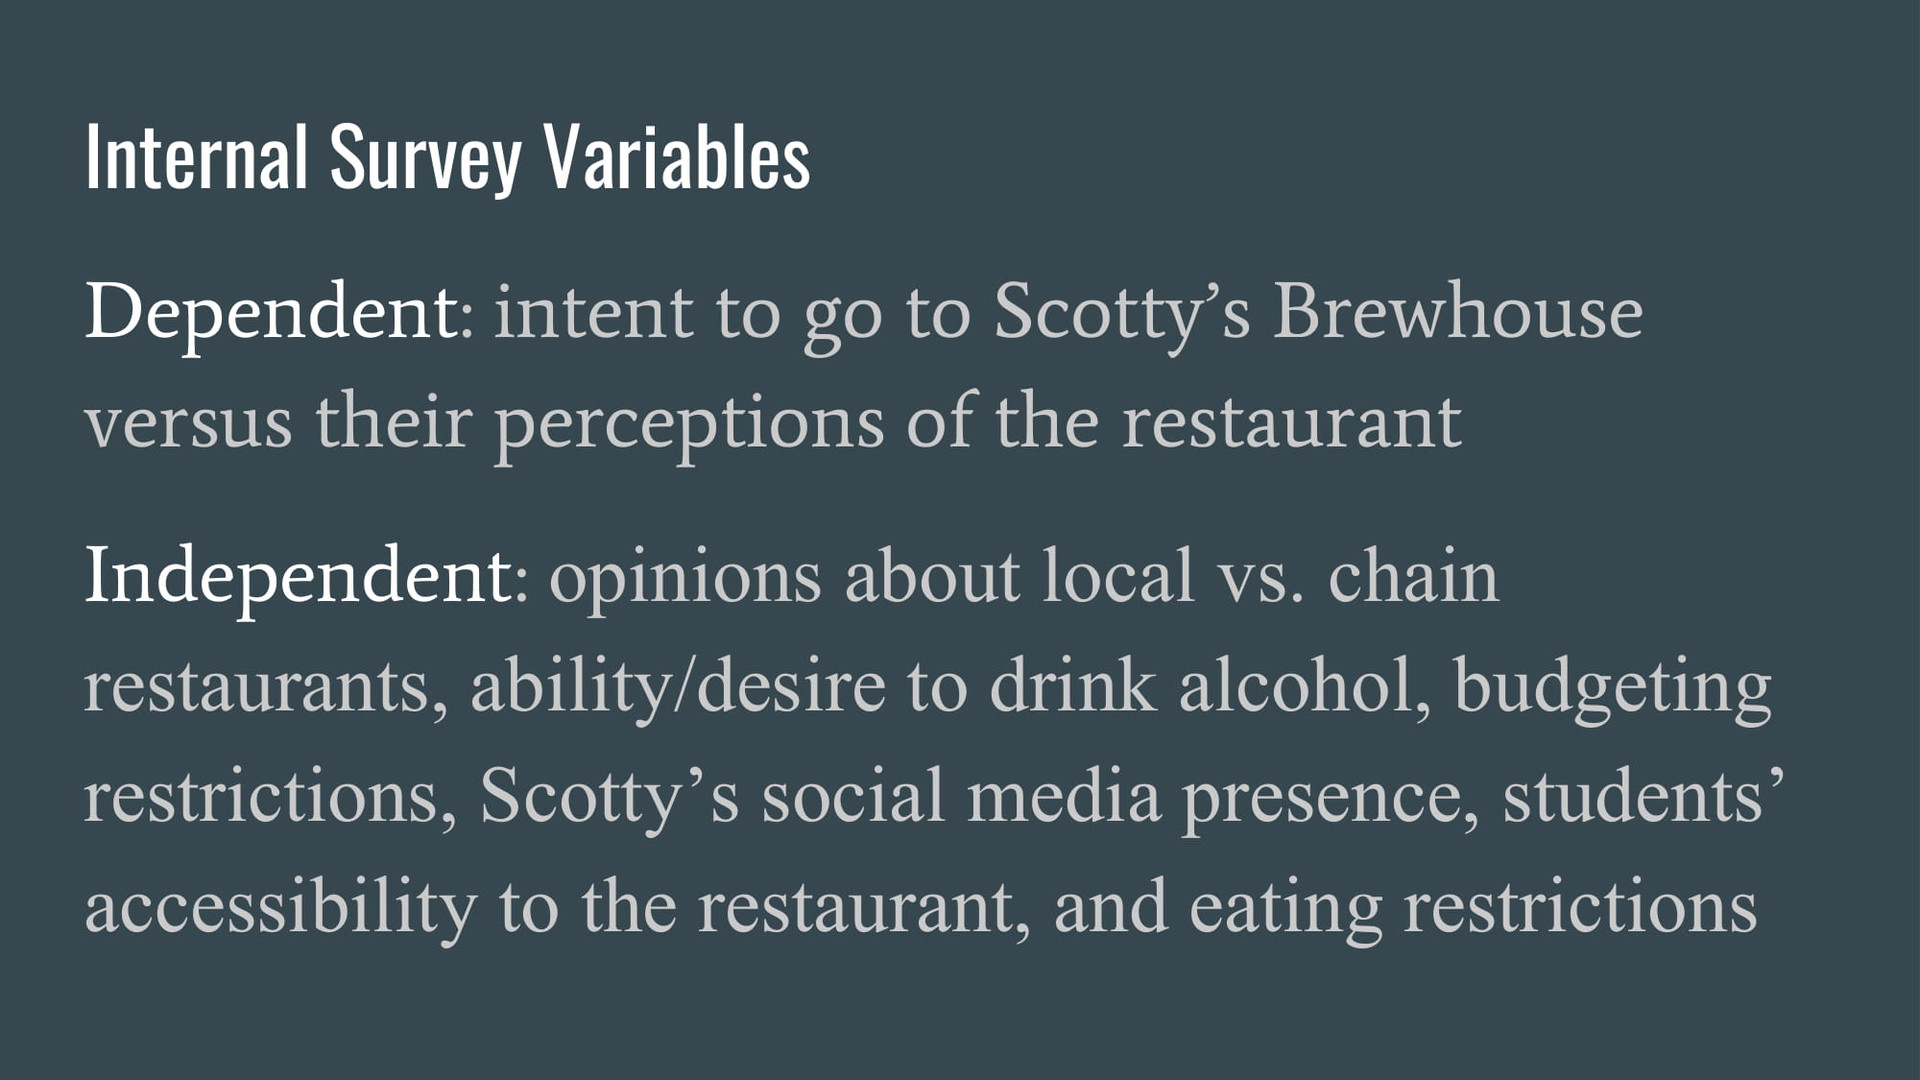 scottys-pres-11